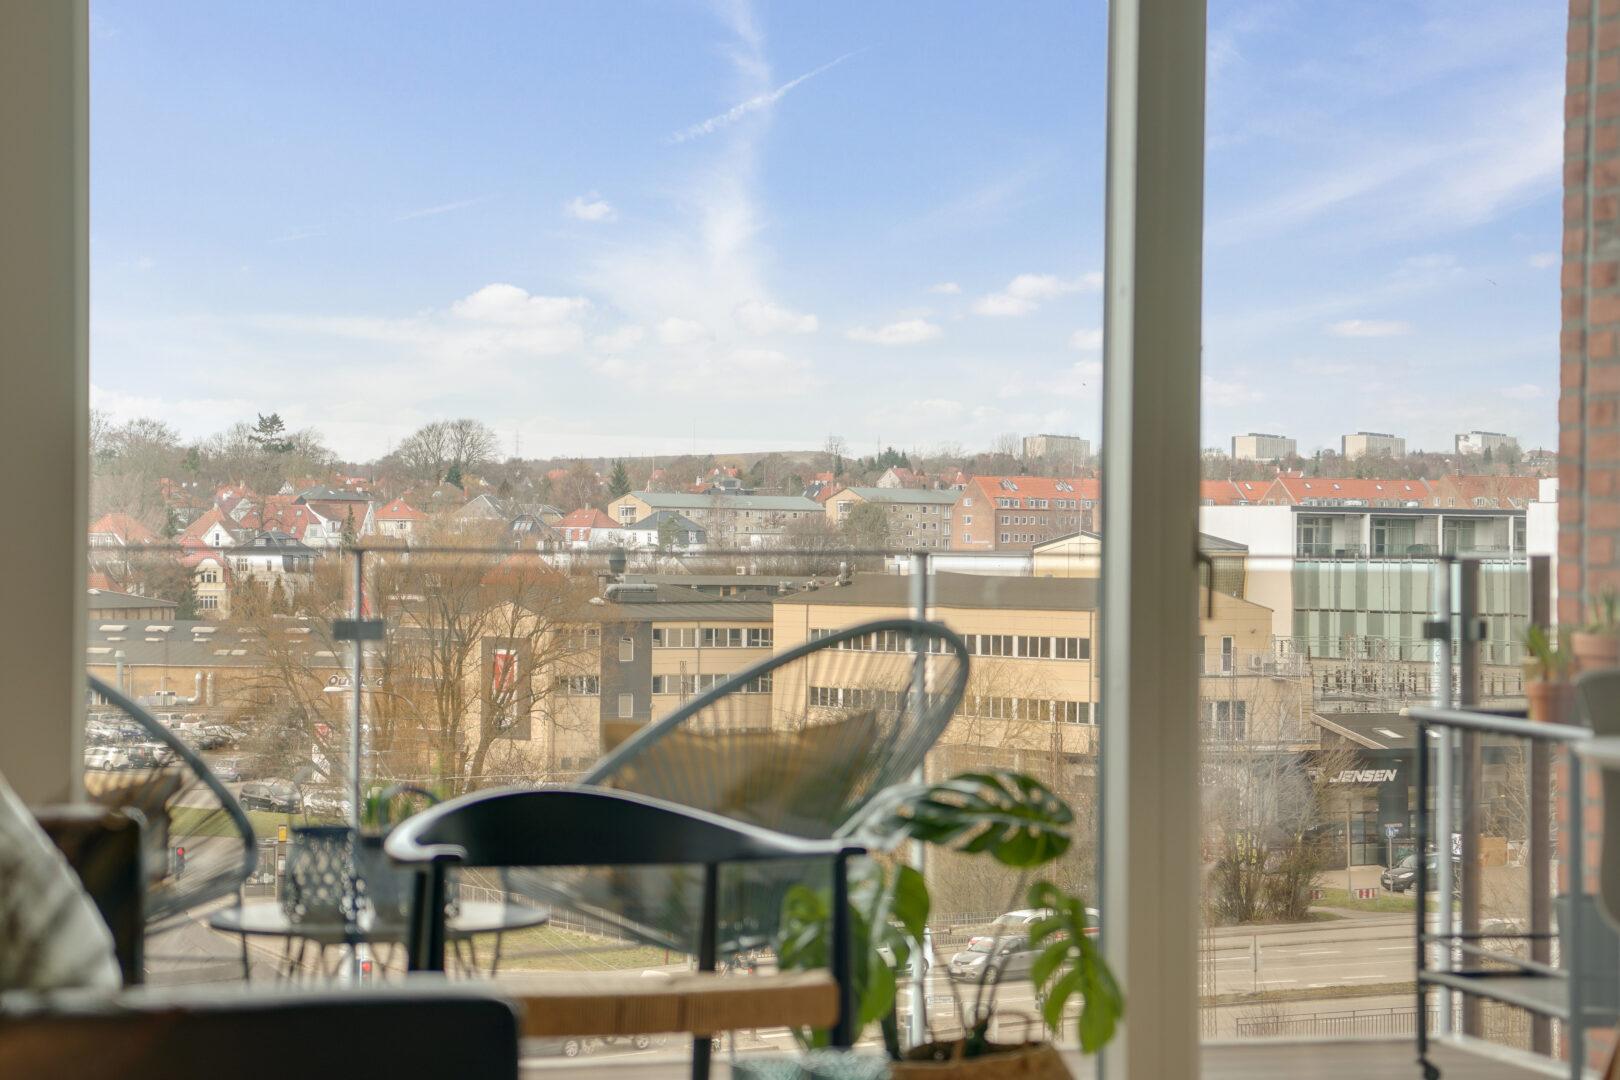 Lejeboliger Aarhus